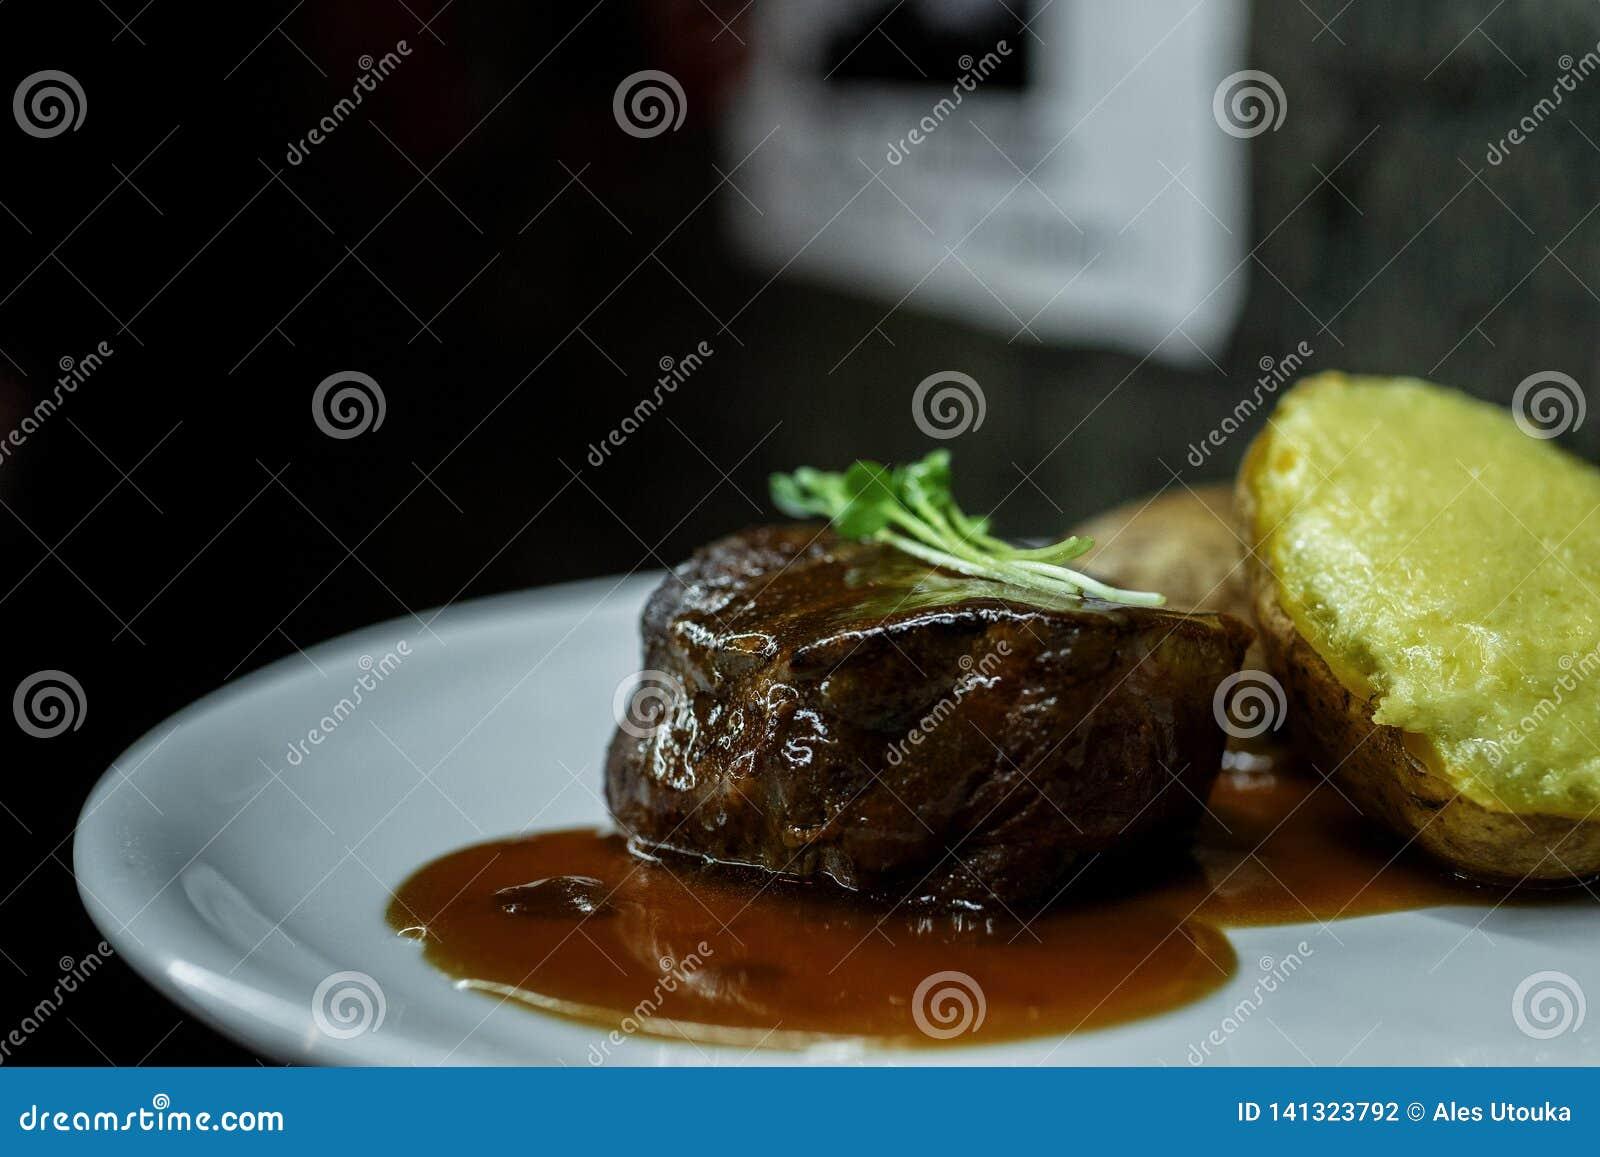 Vlees van het close-up het sappige geroosterde lapje vlees met barbecuesaus en gevulde aardappels op een plaat in een restaurant